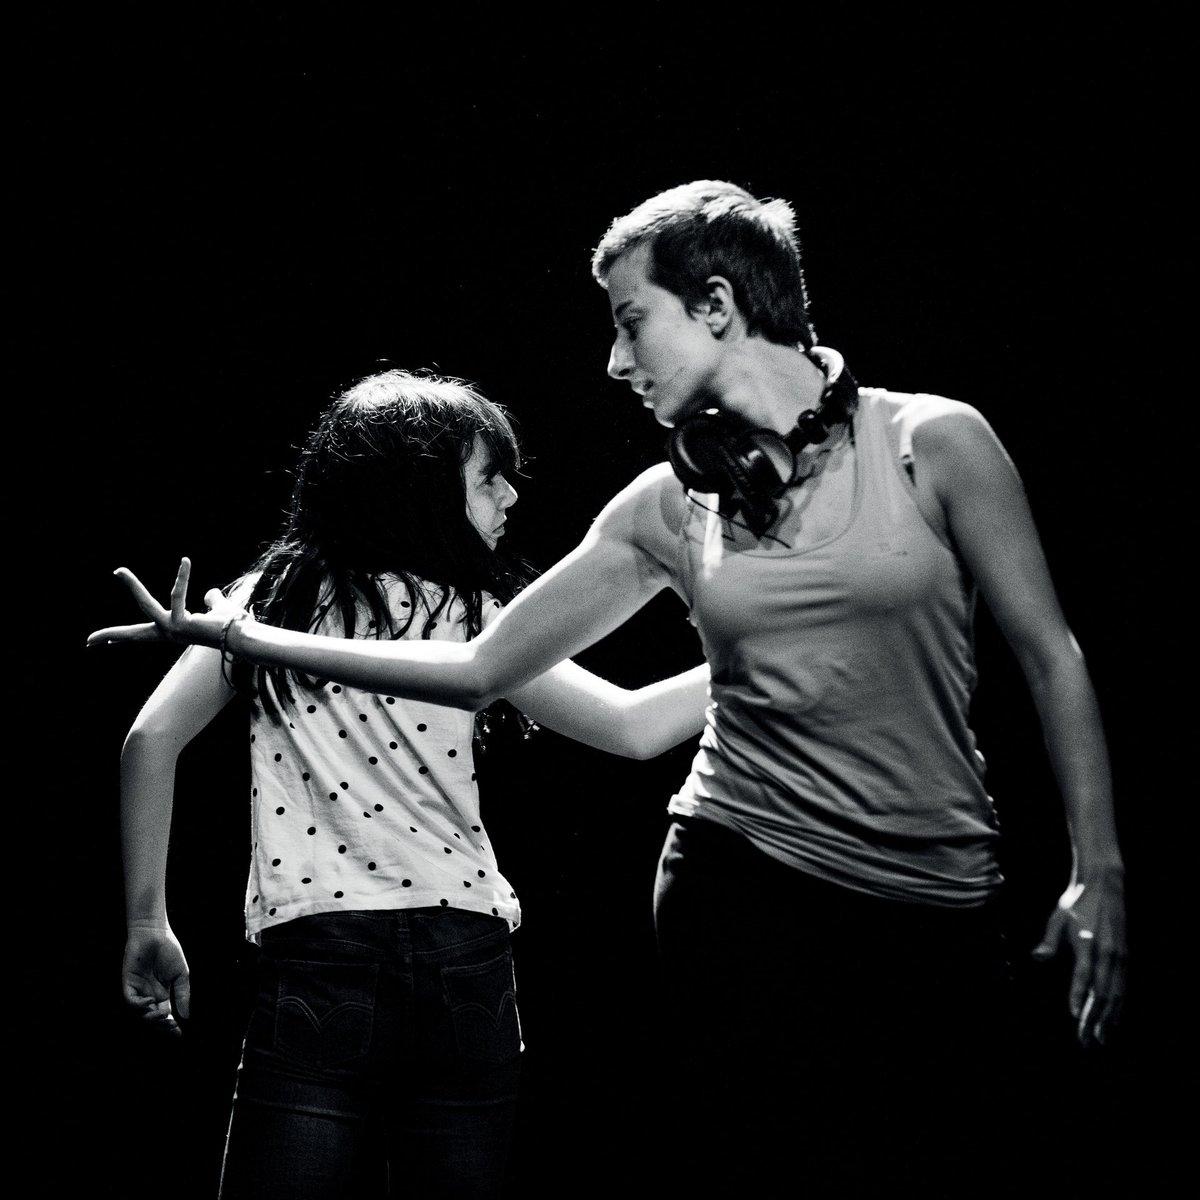 """Jeudi 25 avril, la Cie Entre-Nous présente au #public """"Le jour où"""", une création mêlant #danse et #vidéo, proposée par des #jeunes de 11 à 18 ans, sortant de résidence. A ne pas manquer ! #lormont #spectacle #sortiederésidence #création+d'infos par ici 👉facebook.com/events/4729086… https://t.co/Ckm6BGhORy"""